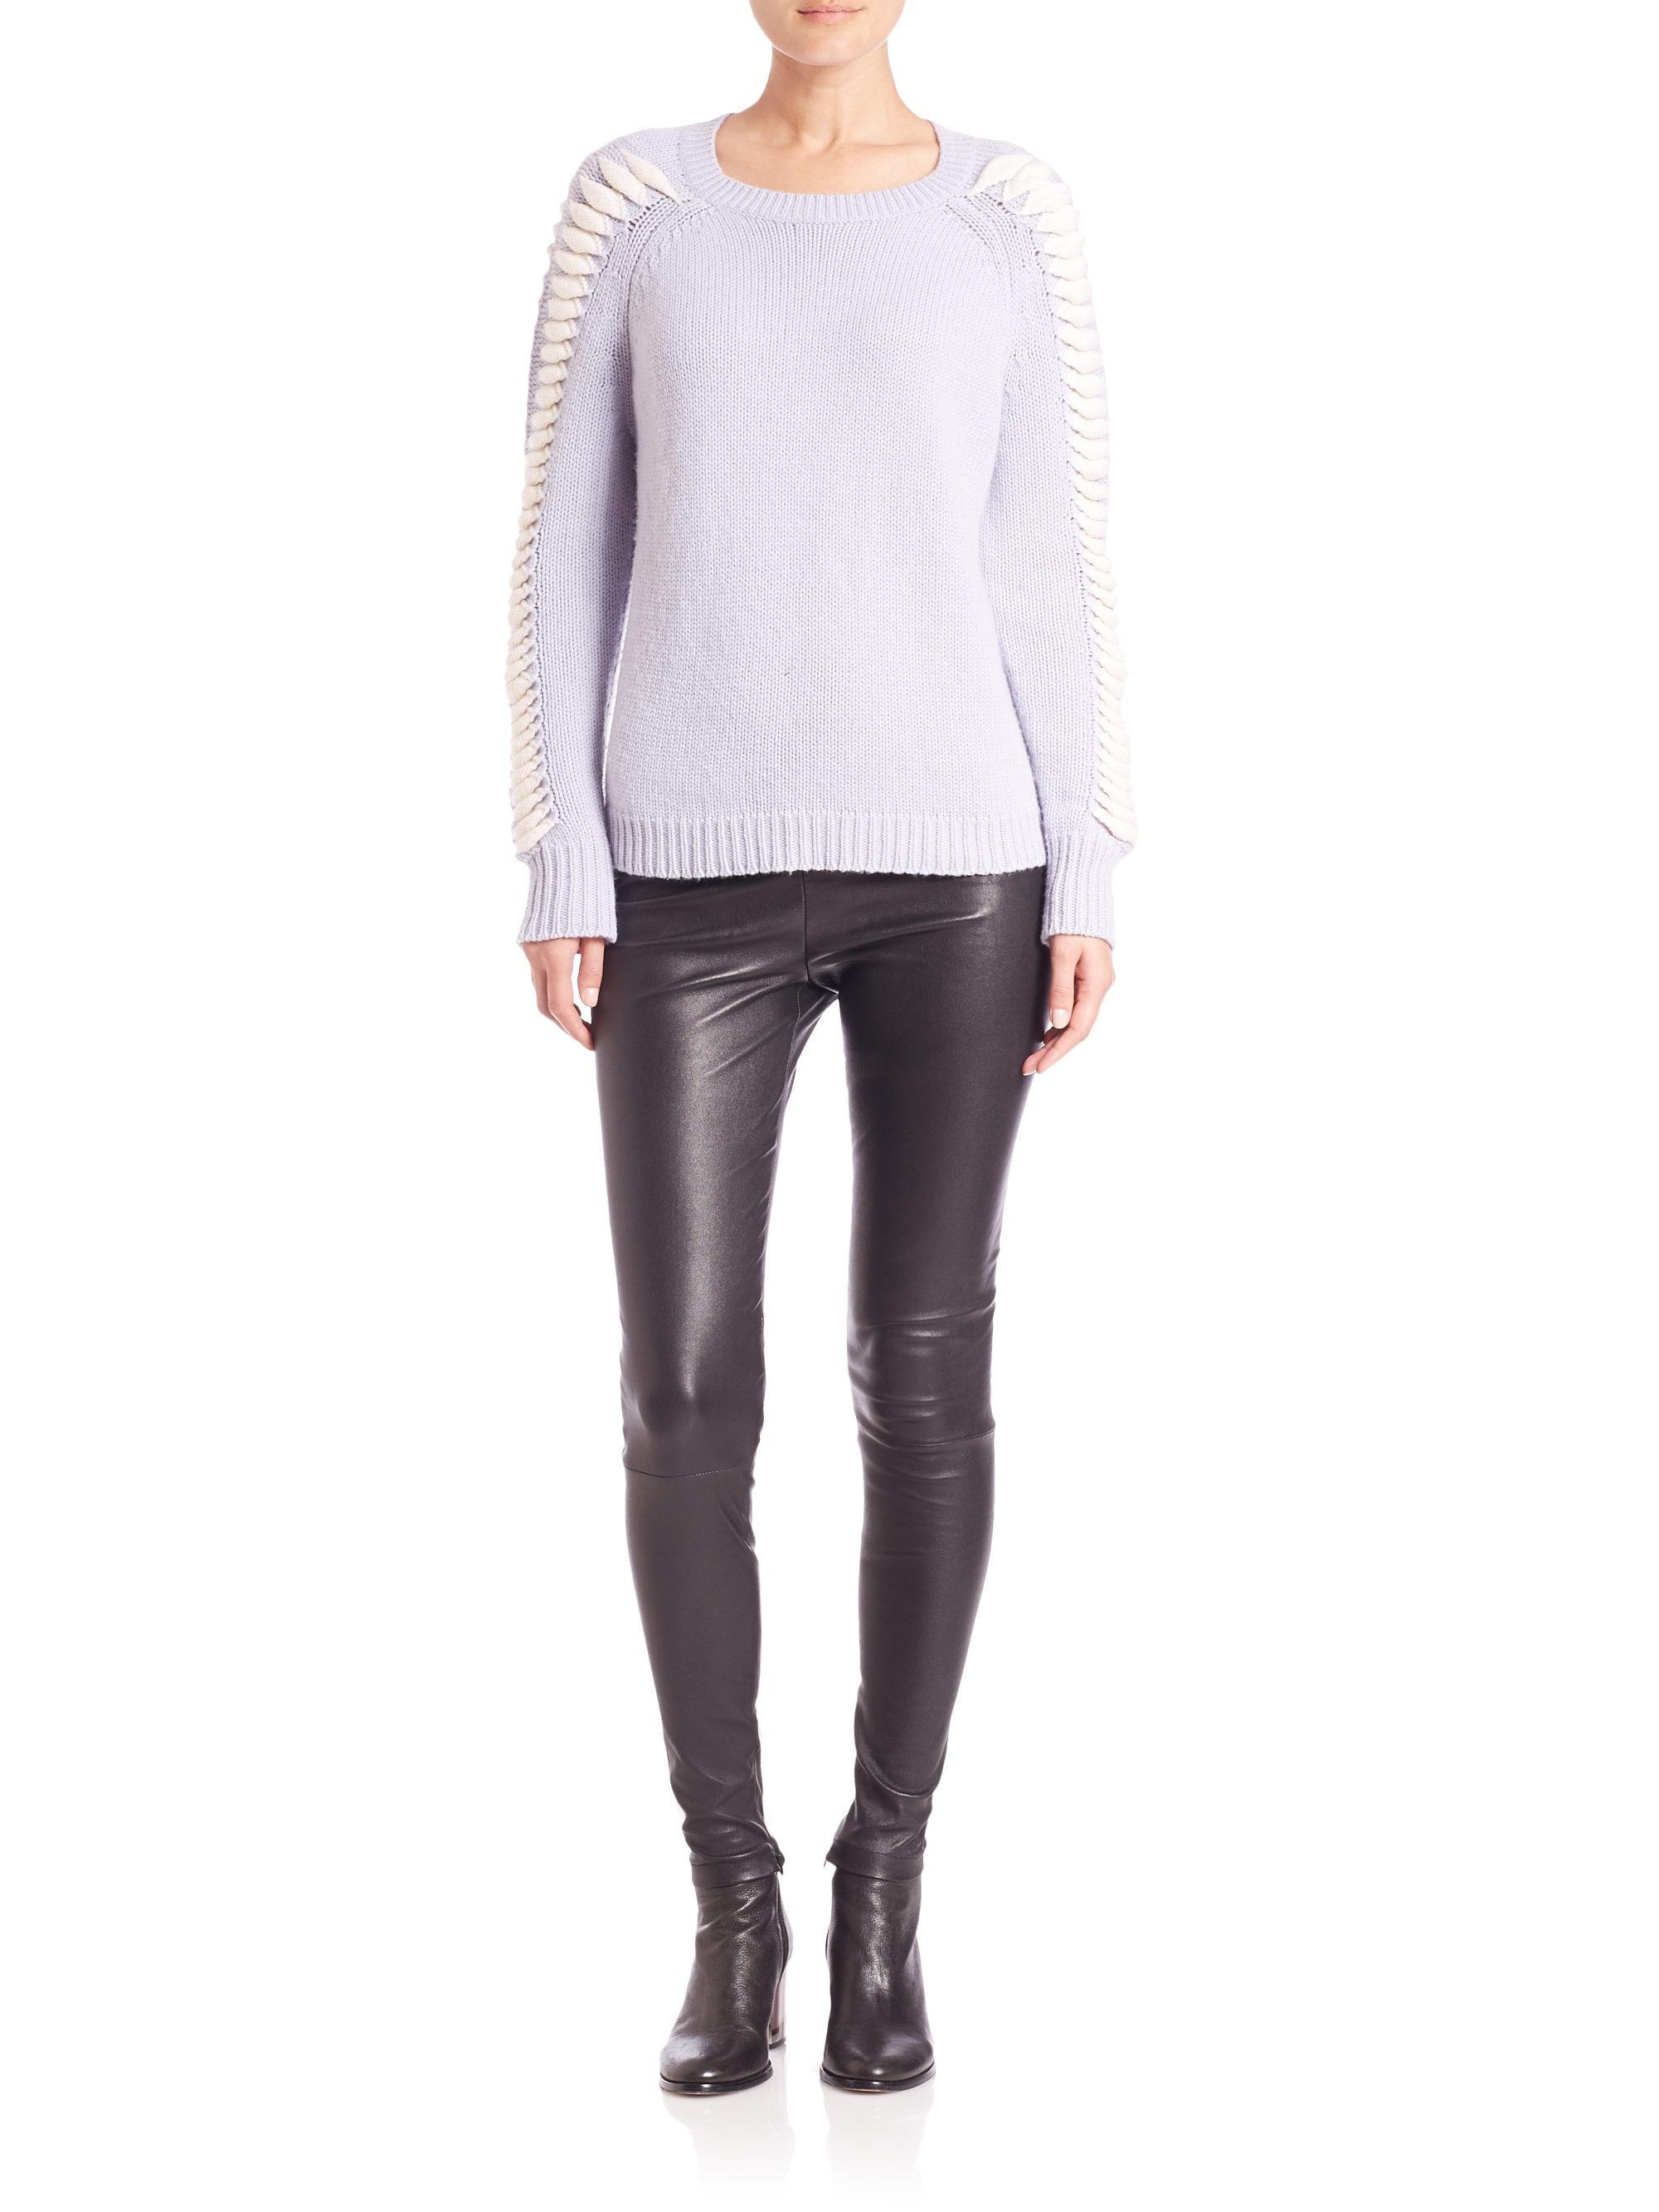 Zoe jordan Knitlab Goodall Wool & Cashmere Sweater in Blue | Lyst